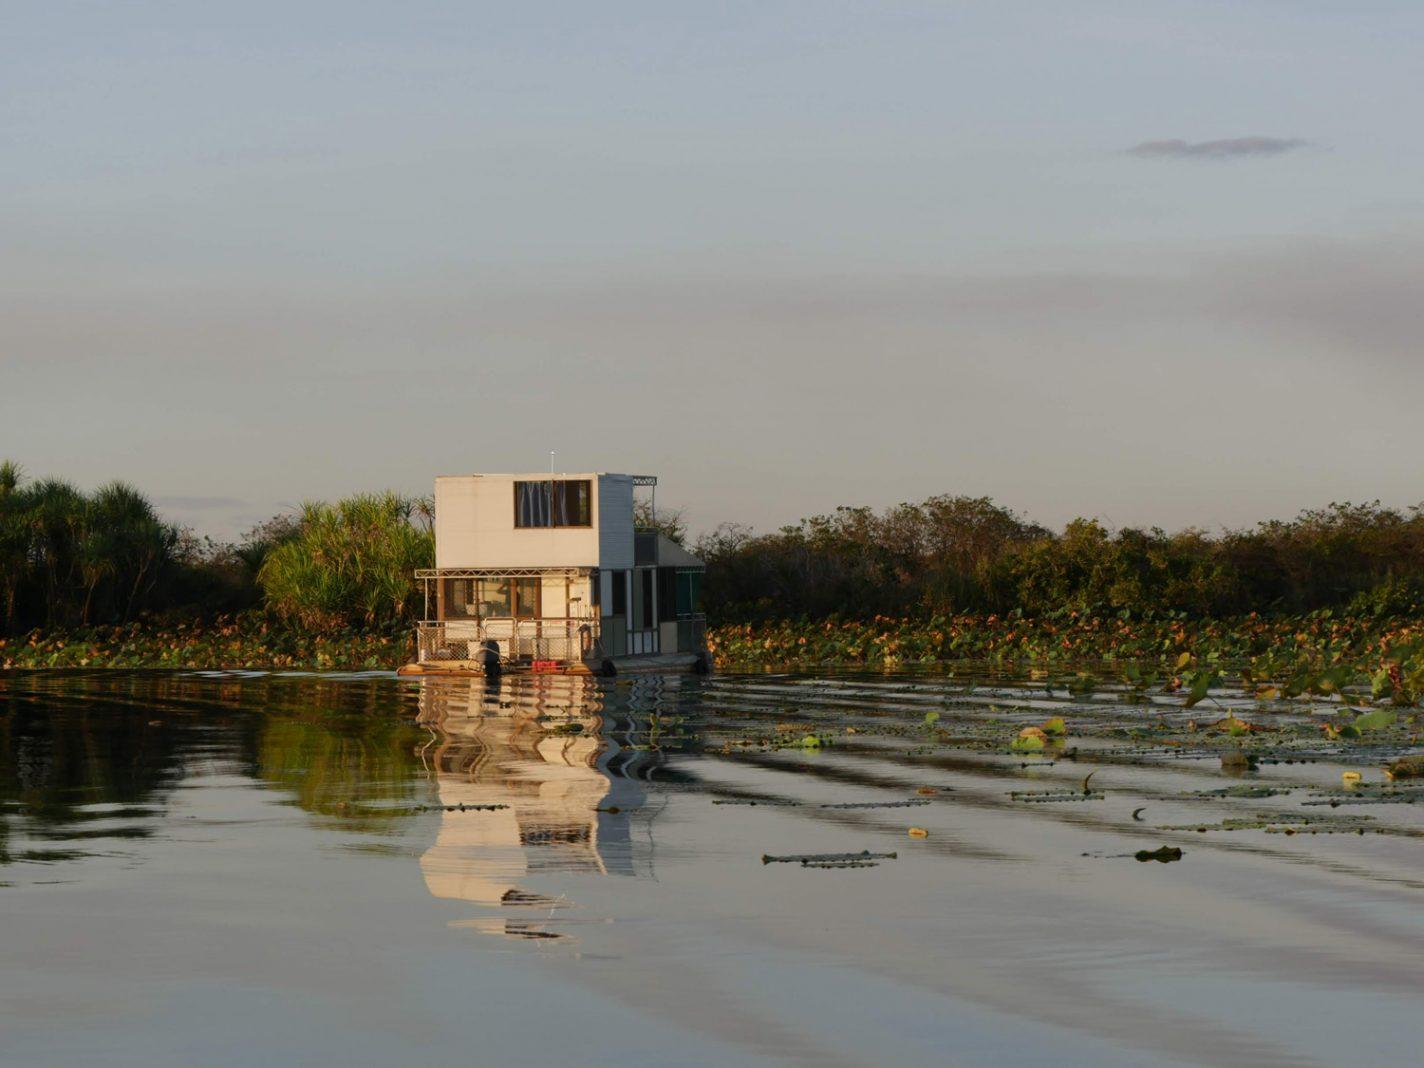 Je kunt ook zelf een boot huren en overnachten tussen de krokodillen